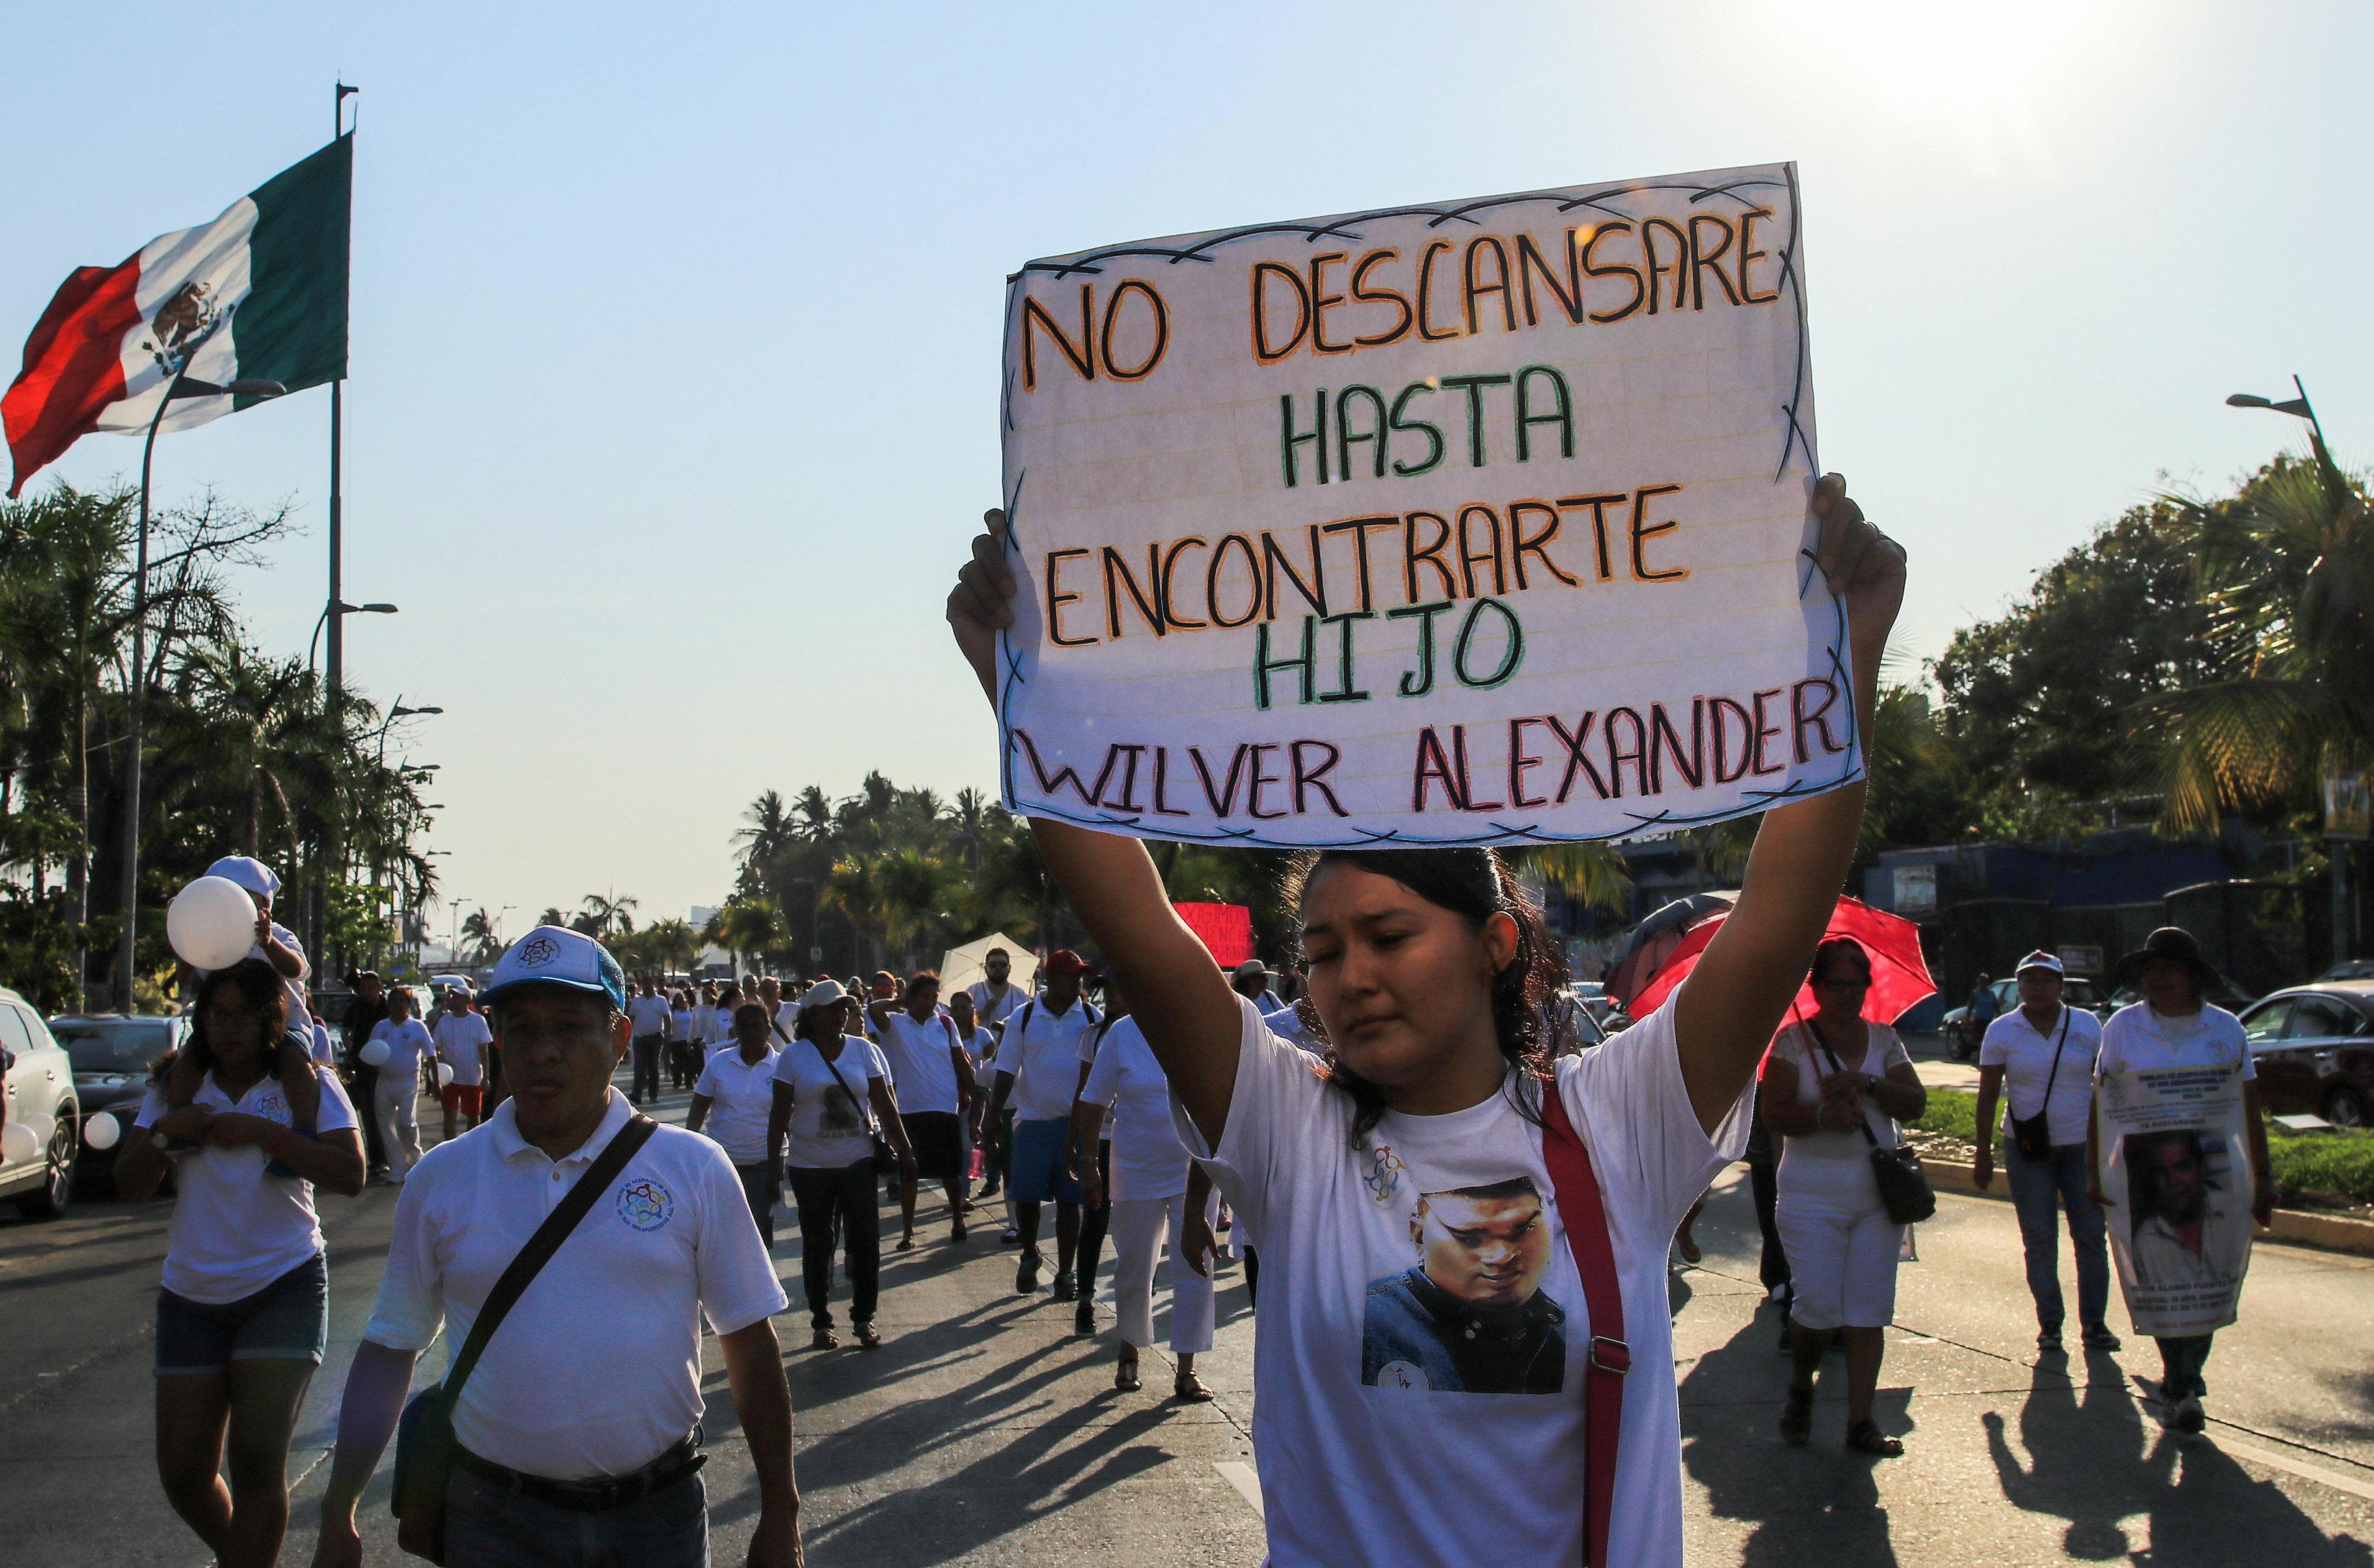 Obligatorias, recomendaciones de ONU sobre desaparición forzada: SCJN